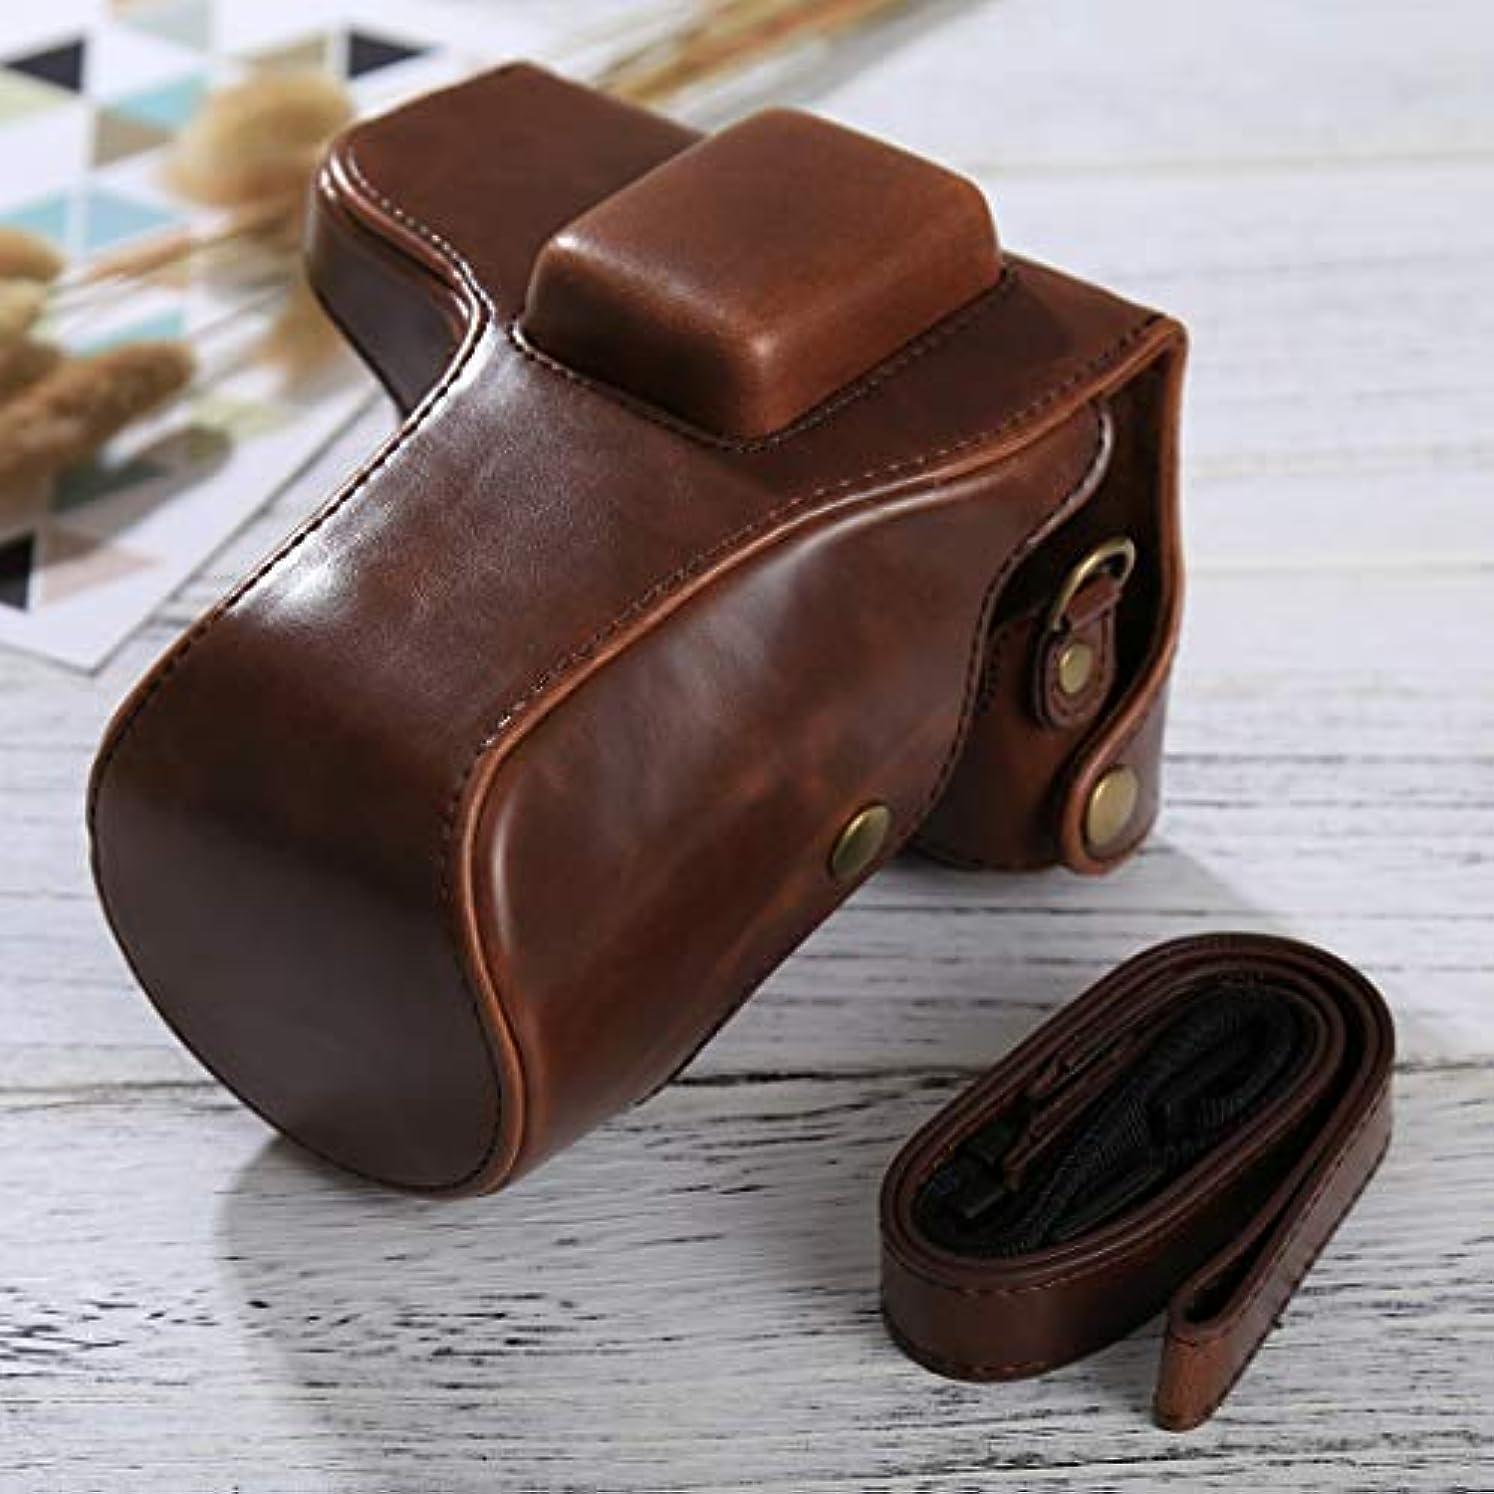 課す汚染名詞カメラバッグケース、フルボディカメラPUレザーケースバッグ、ストラップ付きSamsung NX300用(ブラック) (カラー:コーヒー)